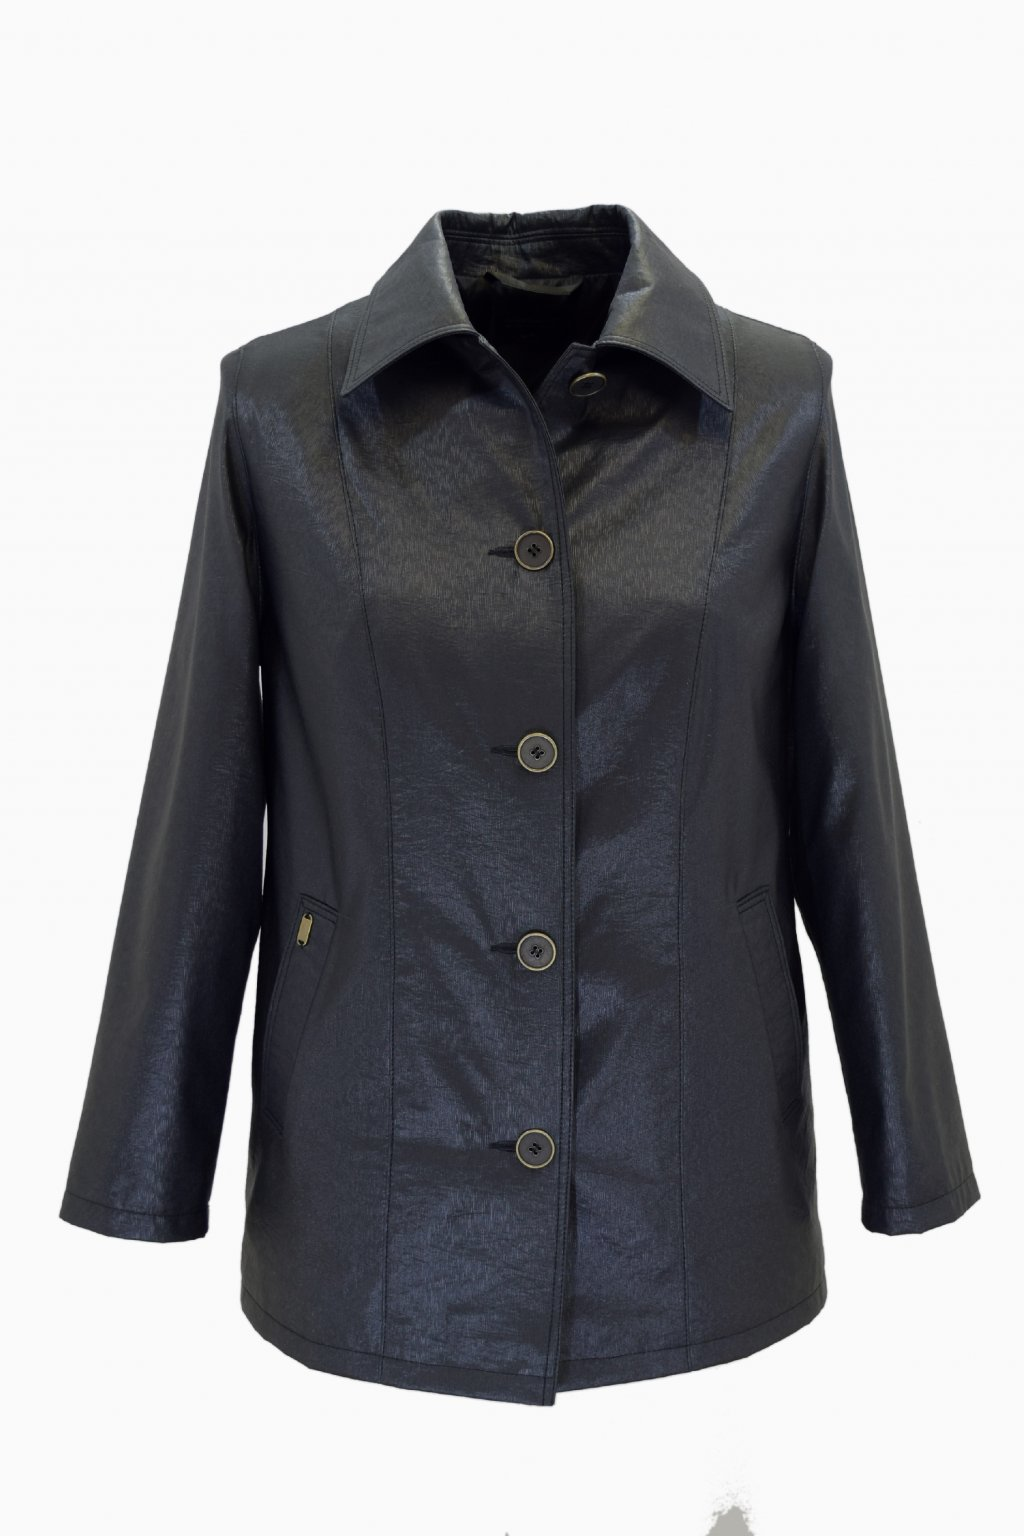 Dámský jarní černý kabátek Květa nadměrné velikosti.